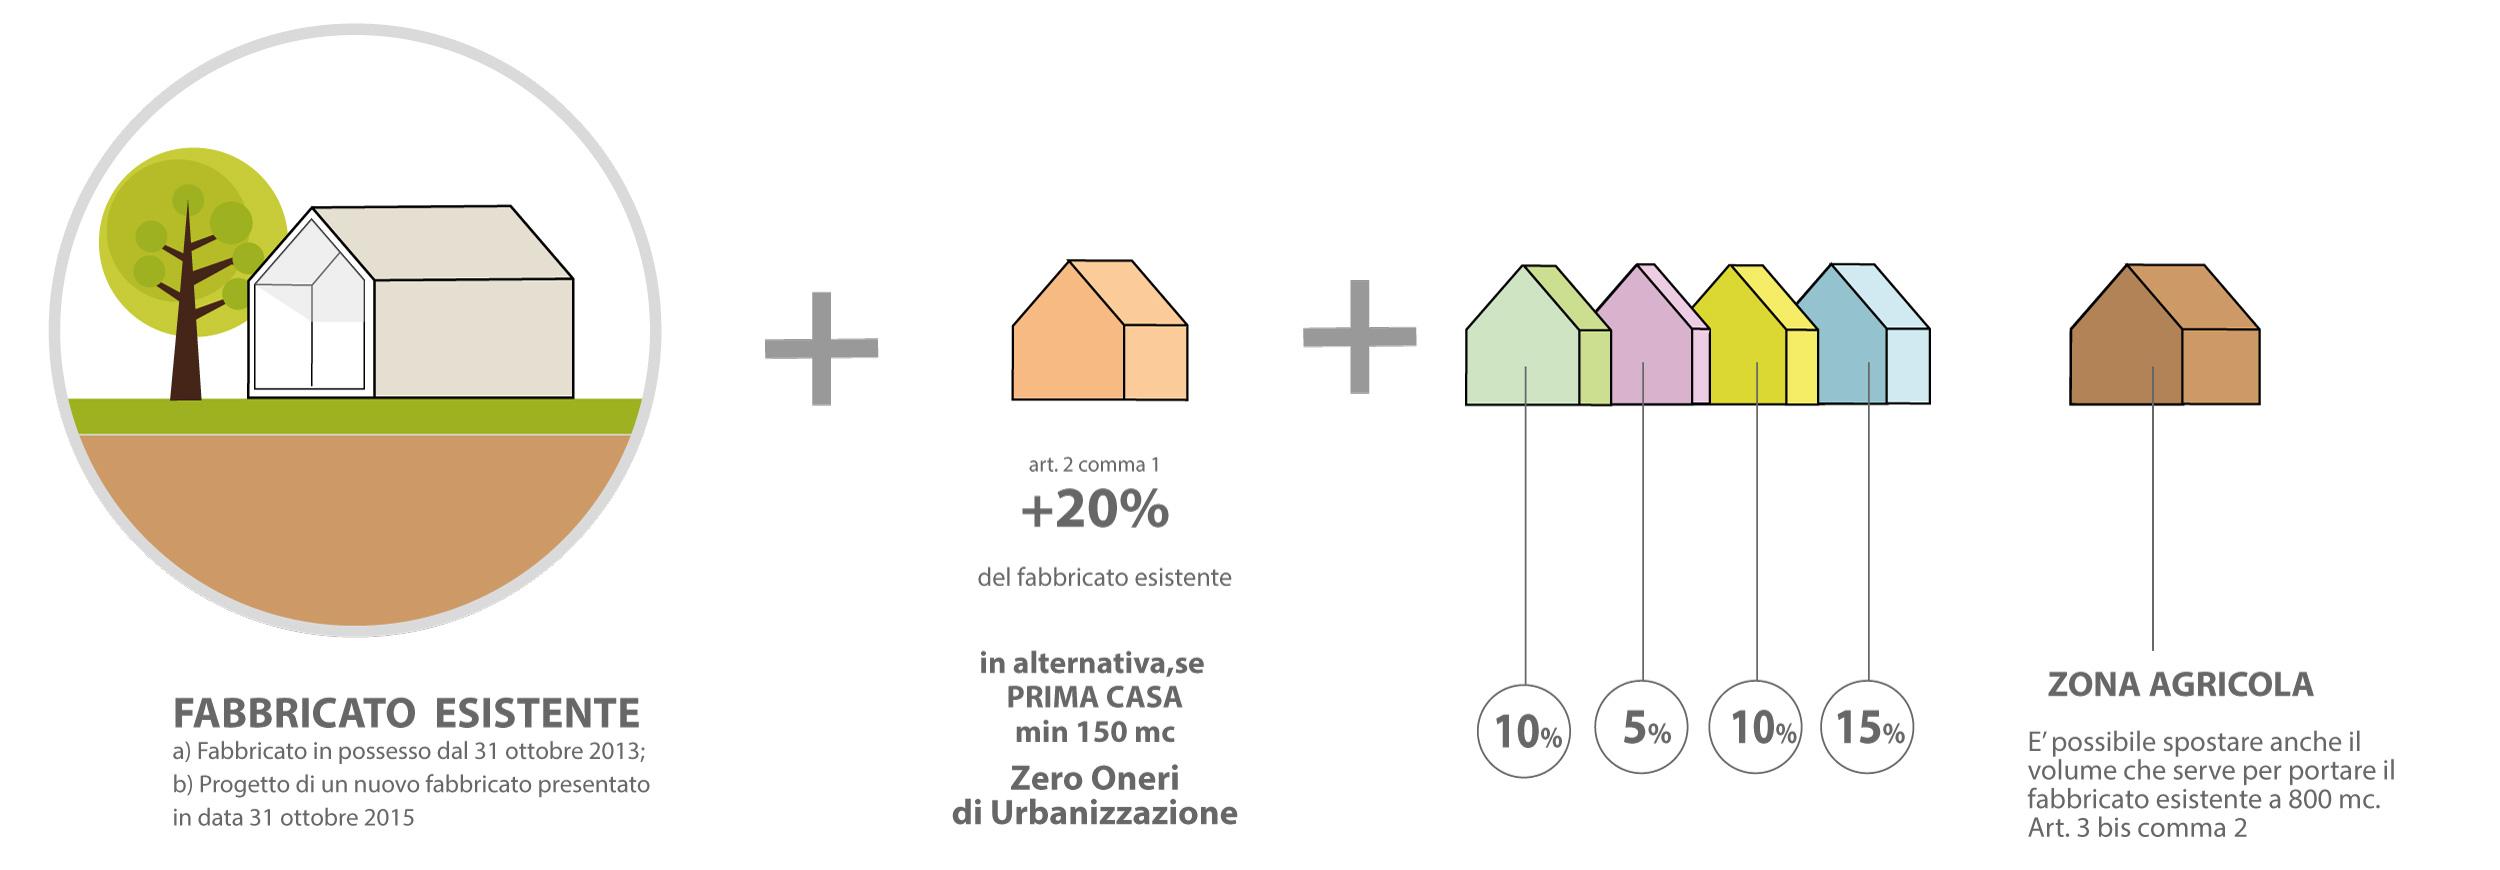 Piano casa veneto mini guida e 4 esempi geom paolo gollo for Come fare piano casa